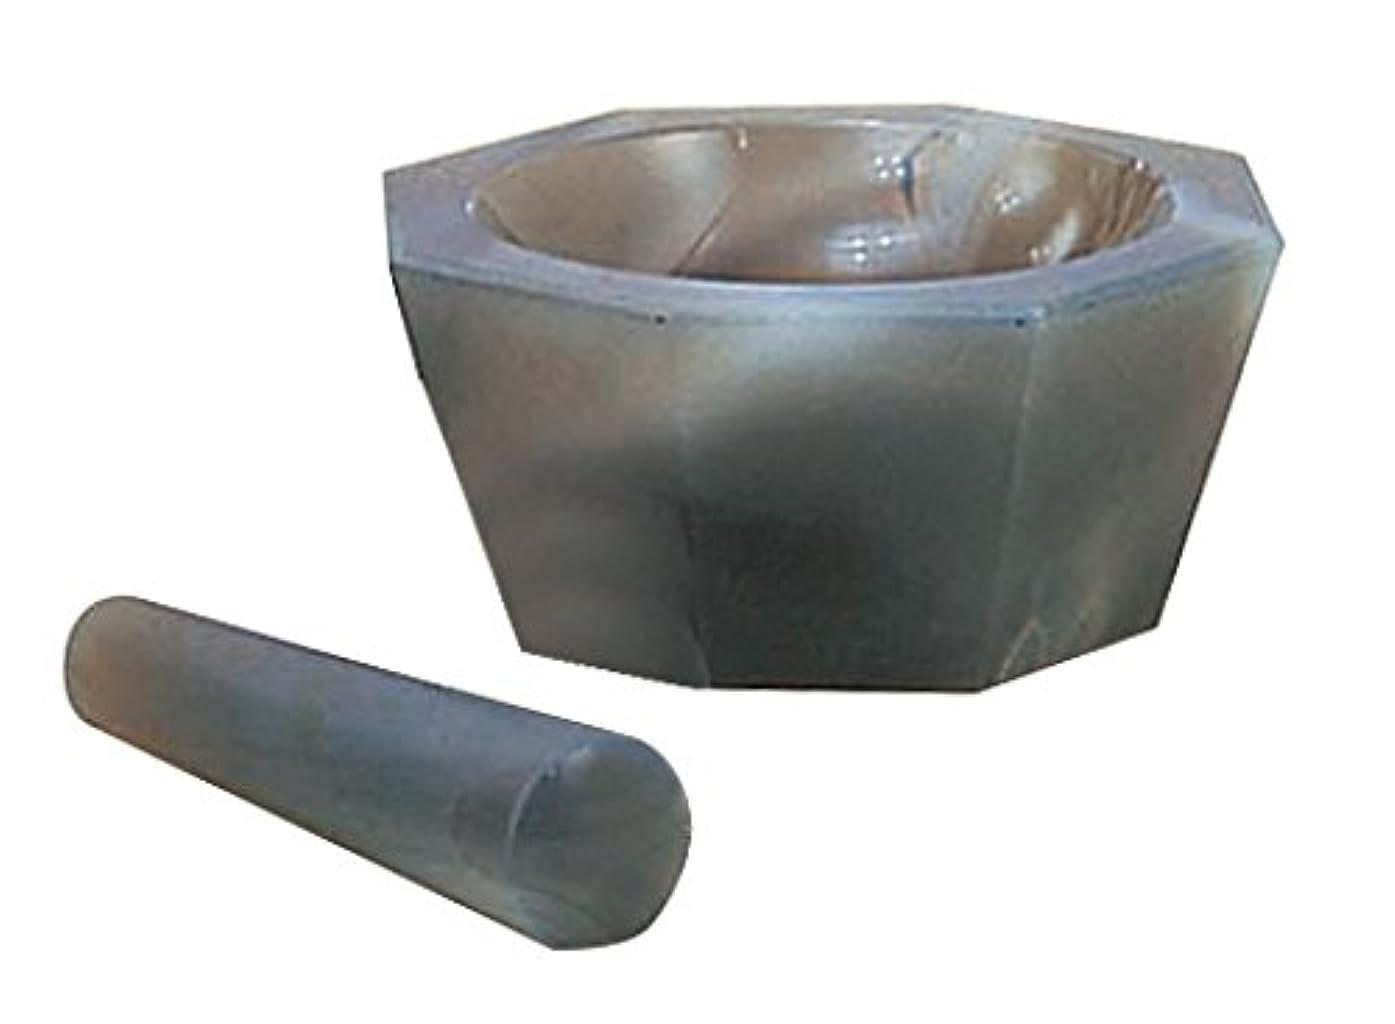 部分寝具リーダーシップ城戸メノウ乳鉢製作所 メノー乳鉢 浅型 65×80×20  乳棒付き /6-546-07